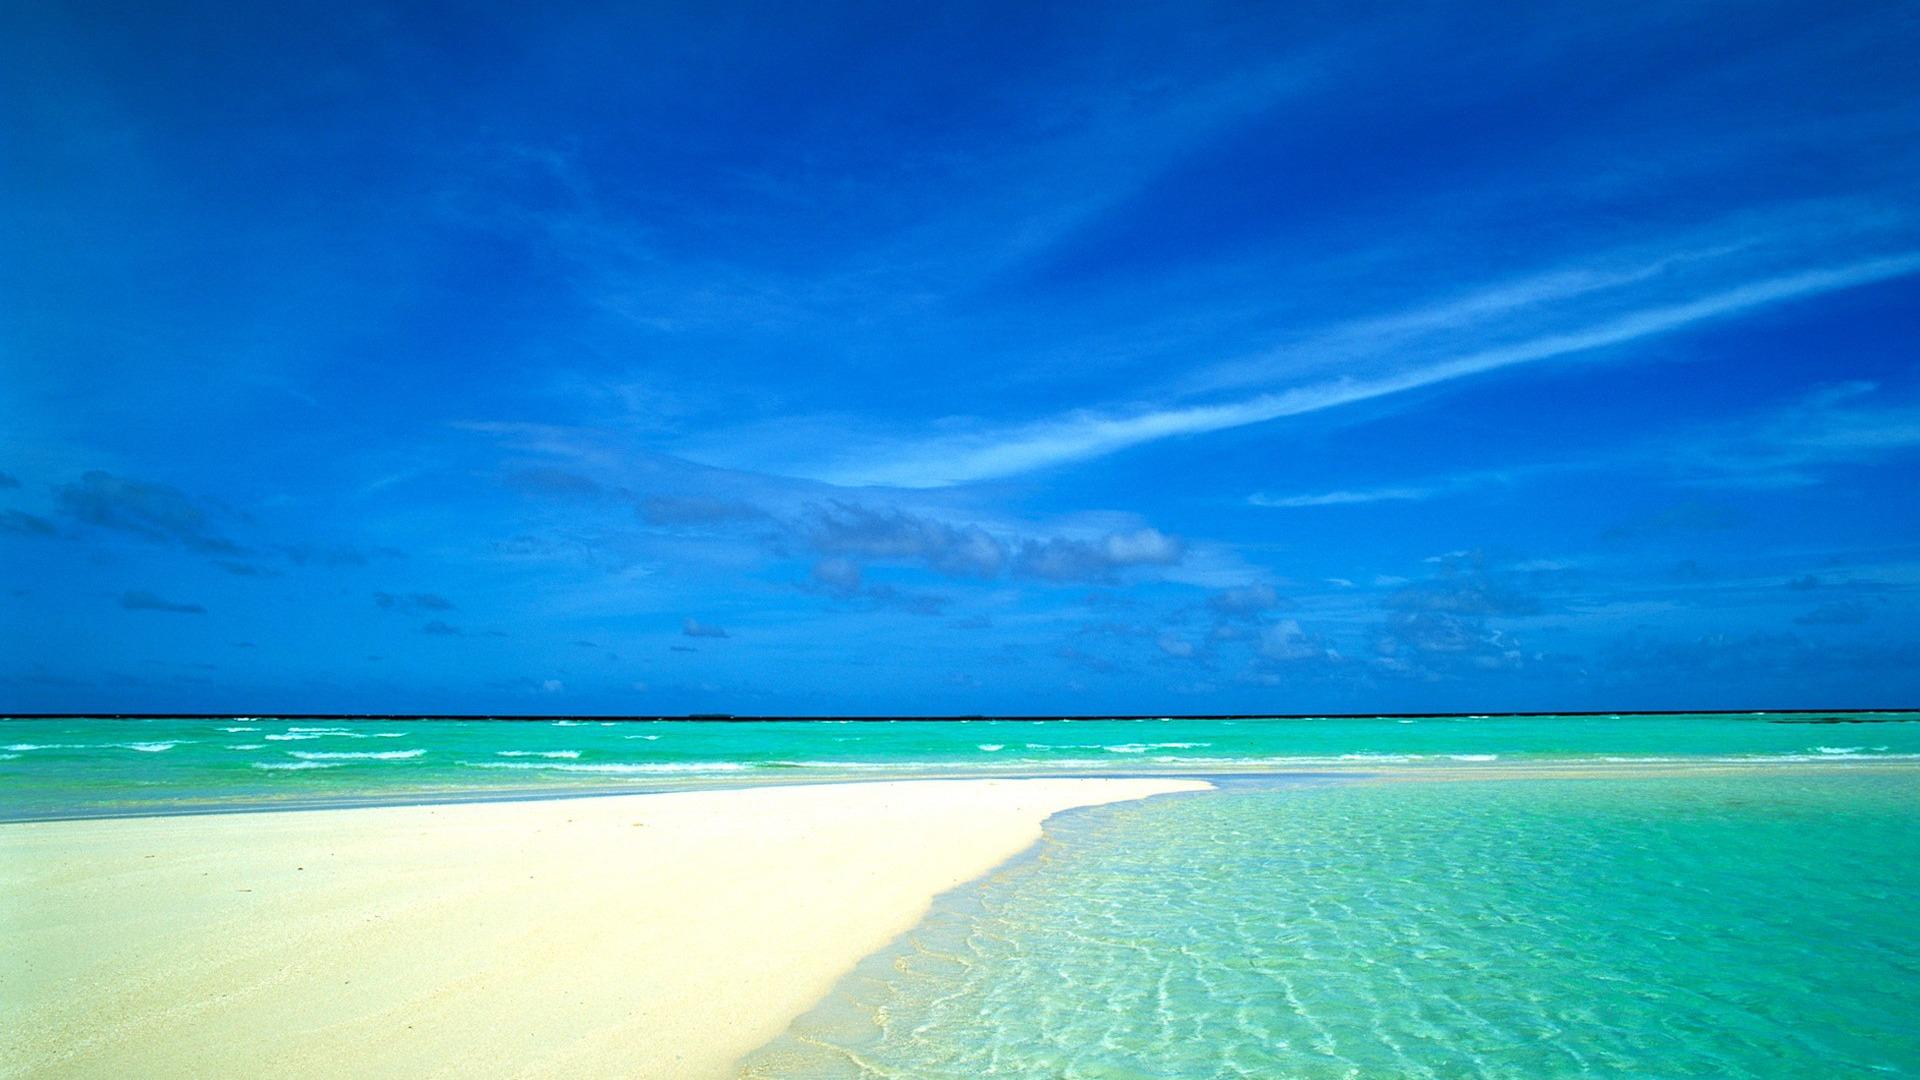 蓝色的大海和沙滩壁纸包围预览 10wallpaper Com